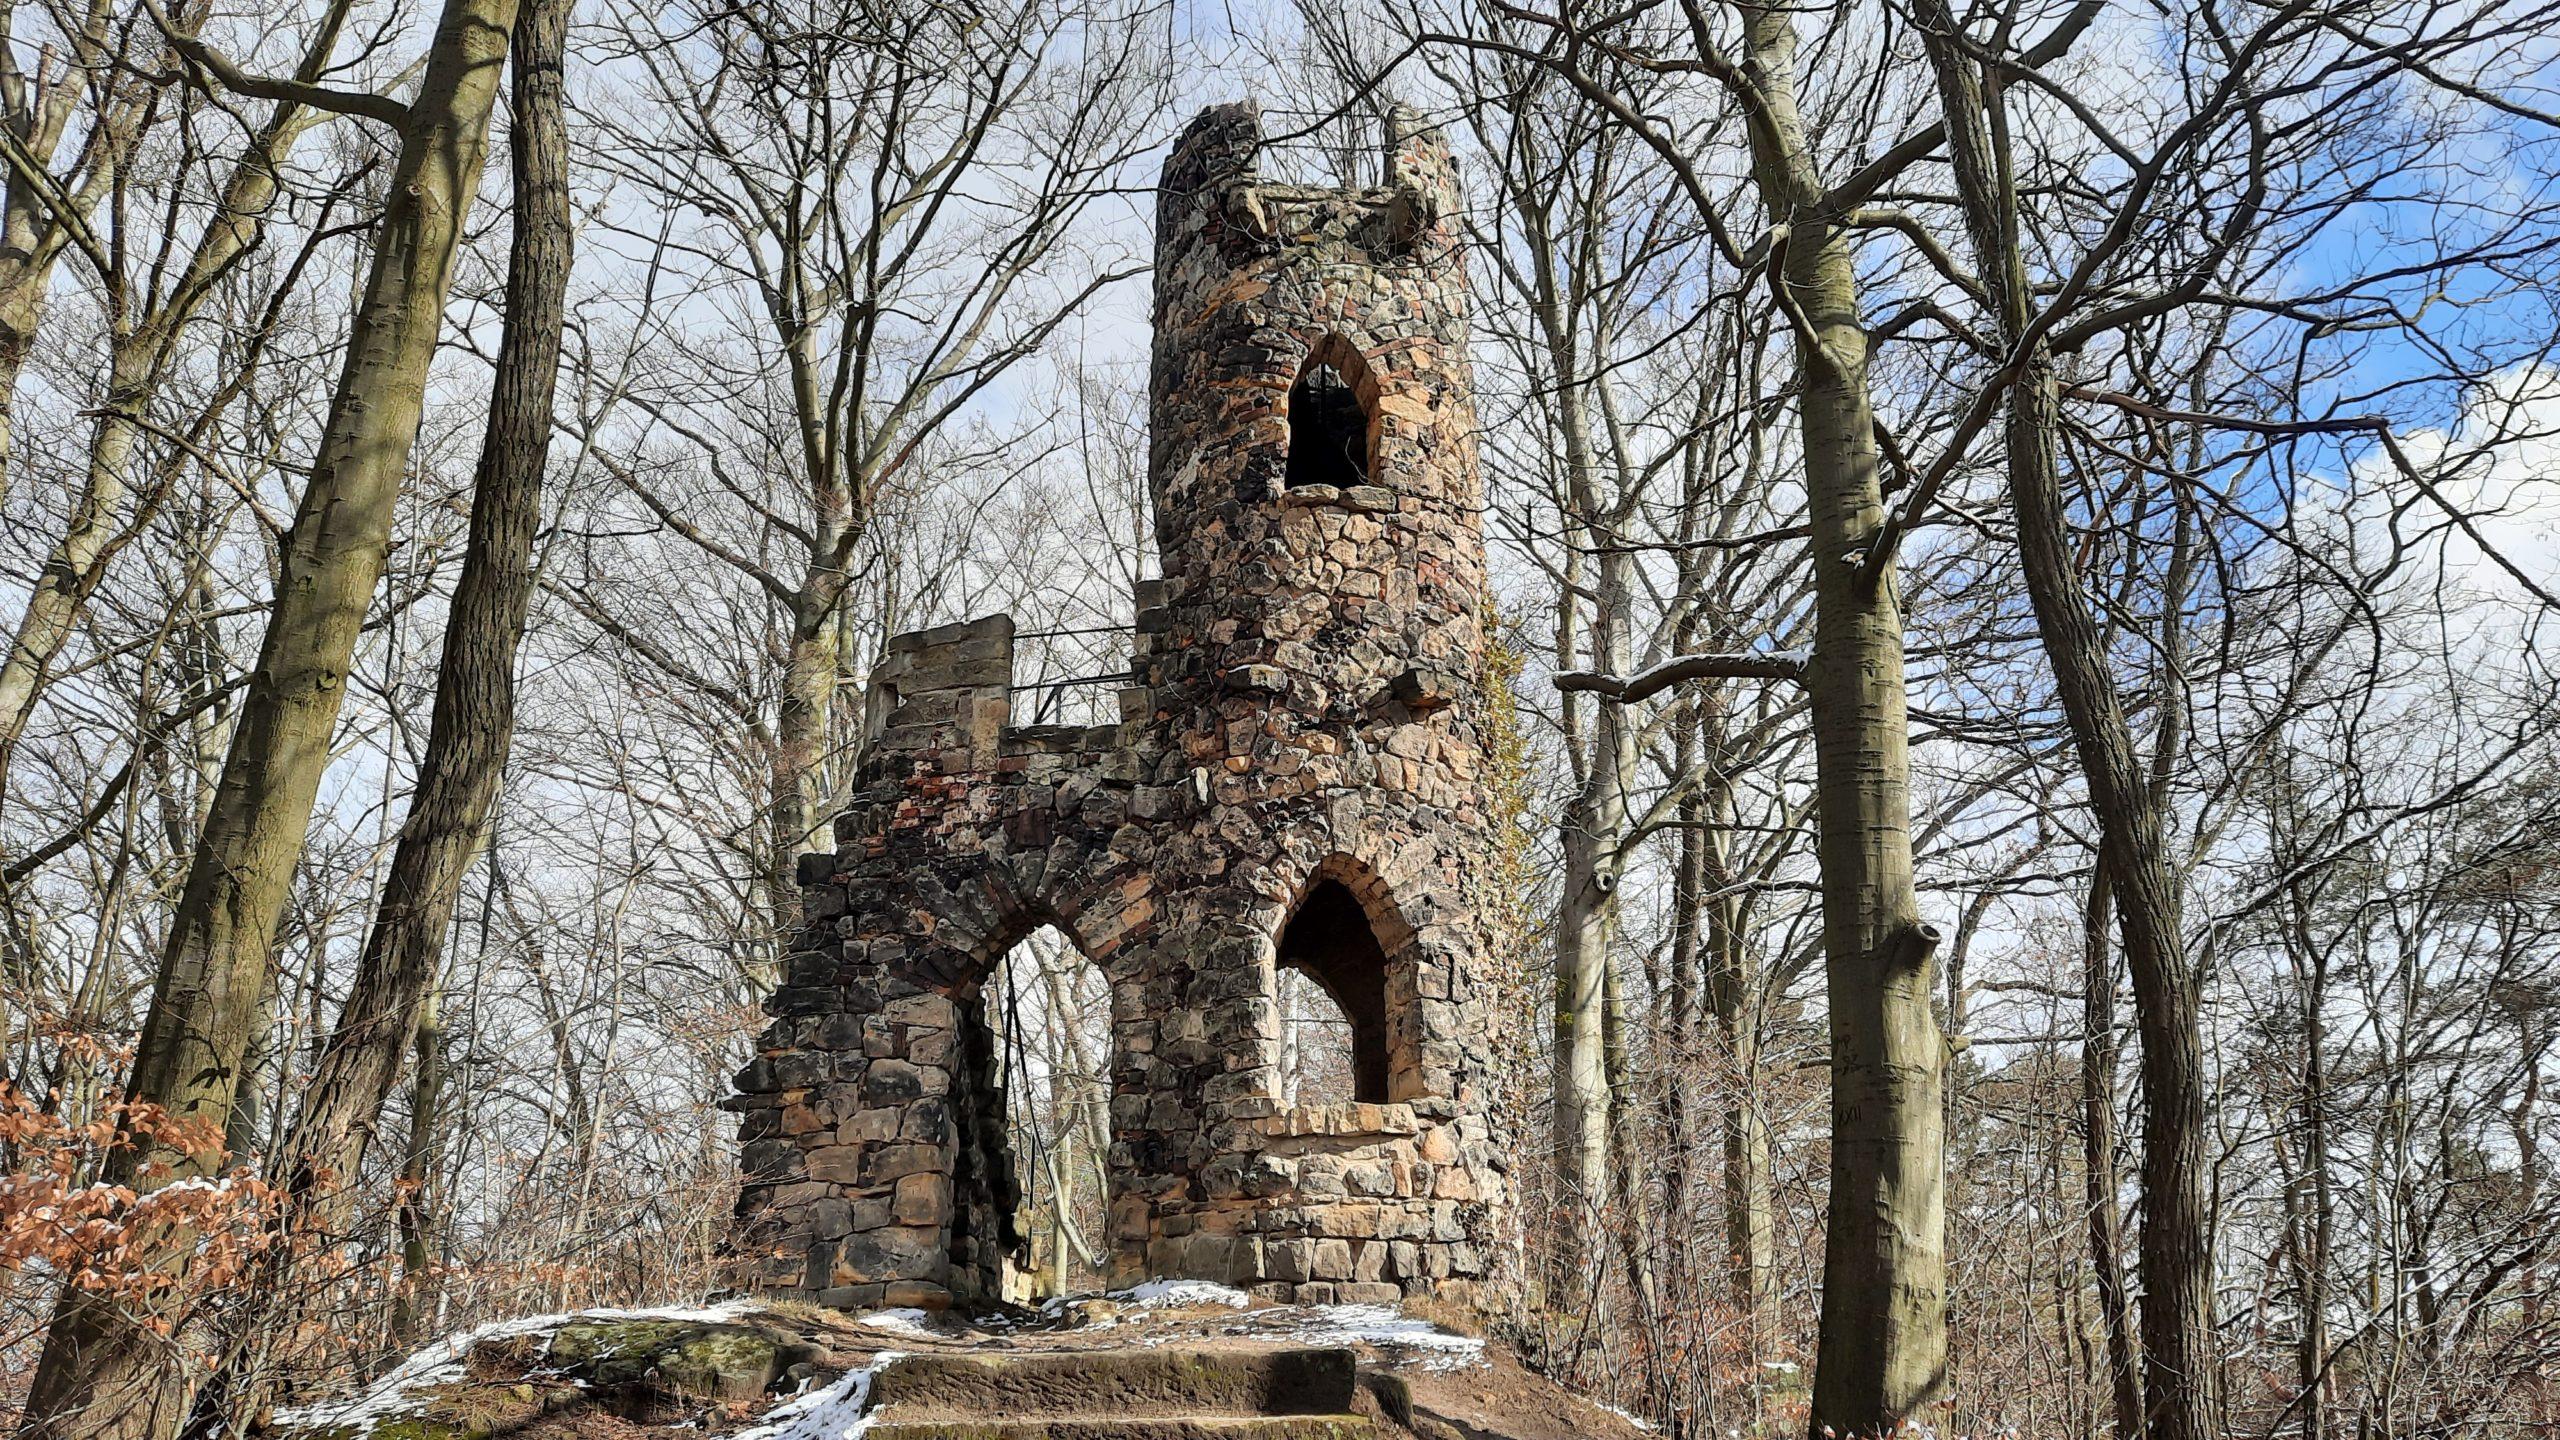 Schlossruine Schomberg - am 60 km Wochenende - at 60 km weekend